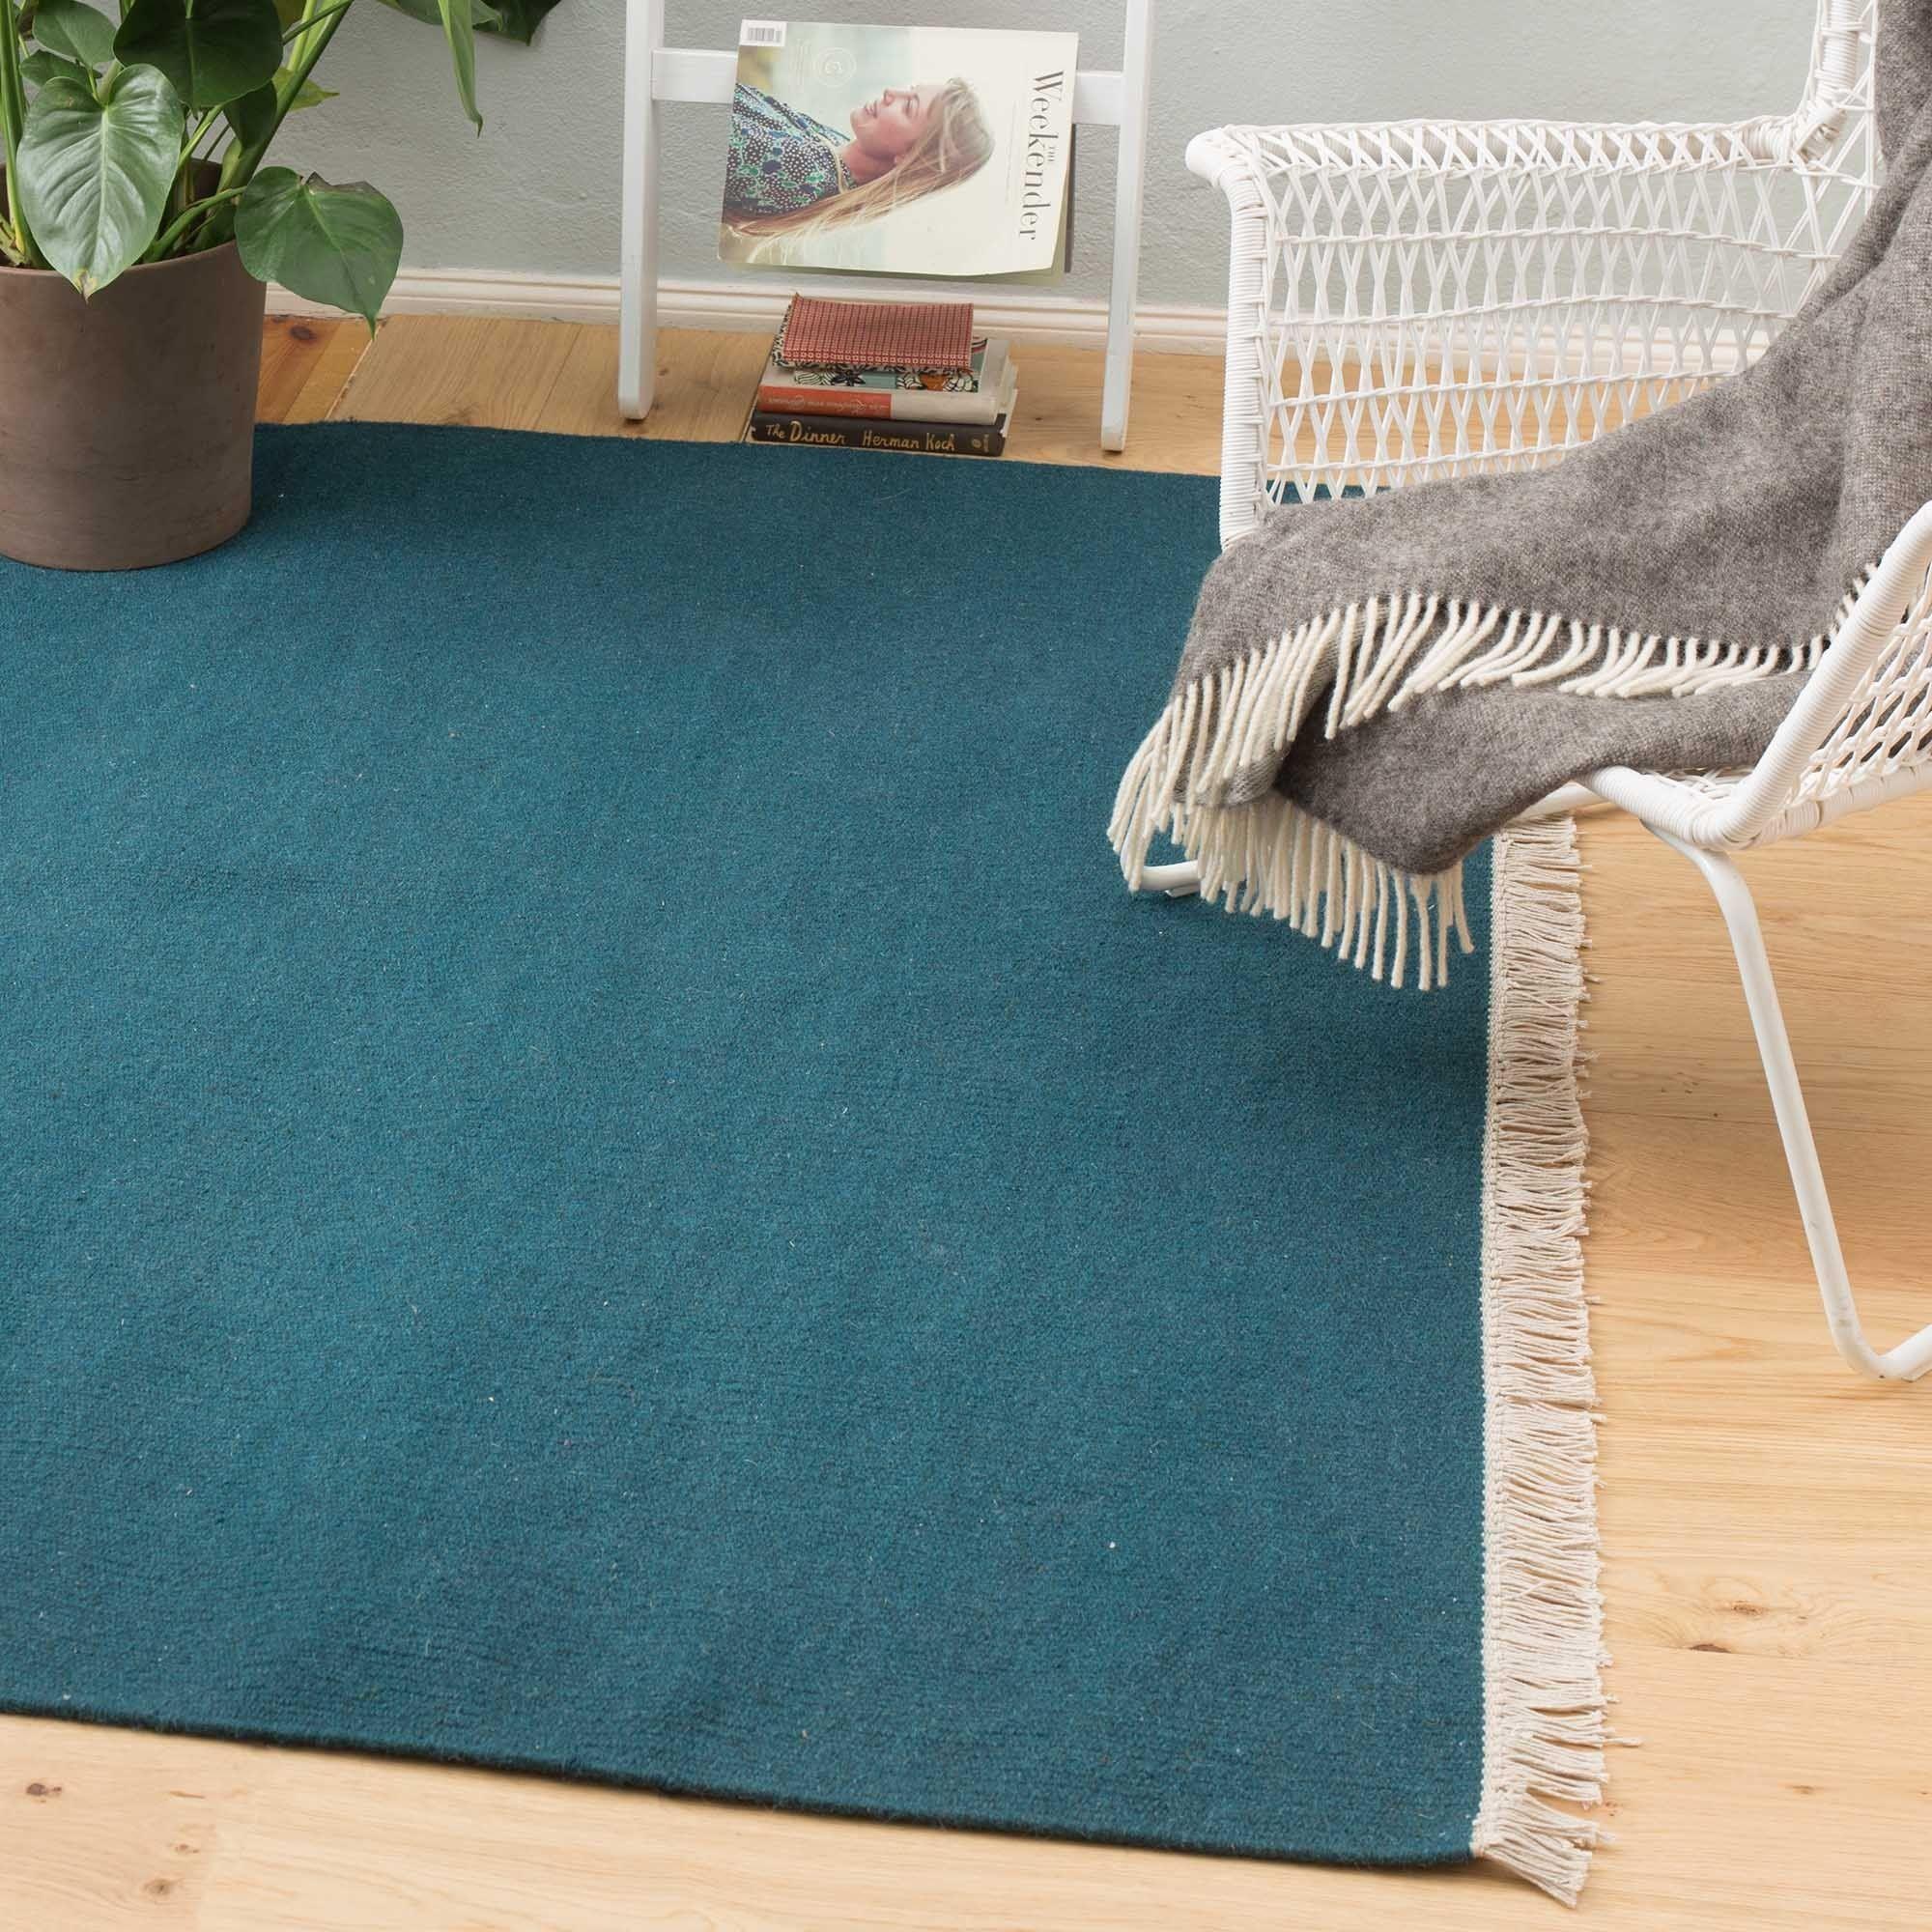 Unsere Teppich-Kollektion Manu wird von unseren Partnern in Indien in einem Mix aus reiner Wolle und Baumwolle in Leinwandbindung verwoben. Das unifarbene Design samt Fransen schenkt Ihrem Zuhause Farbe oder pure Eleganz – je nachdem welche Nuance Ihr Favorit ist.   Kombiniert mit einer rutschfesten Unterlage bleibt der Teppich an Ort und Stelle.